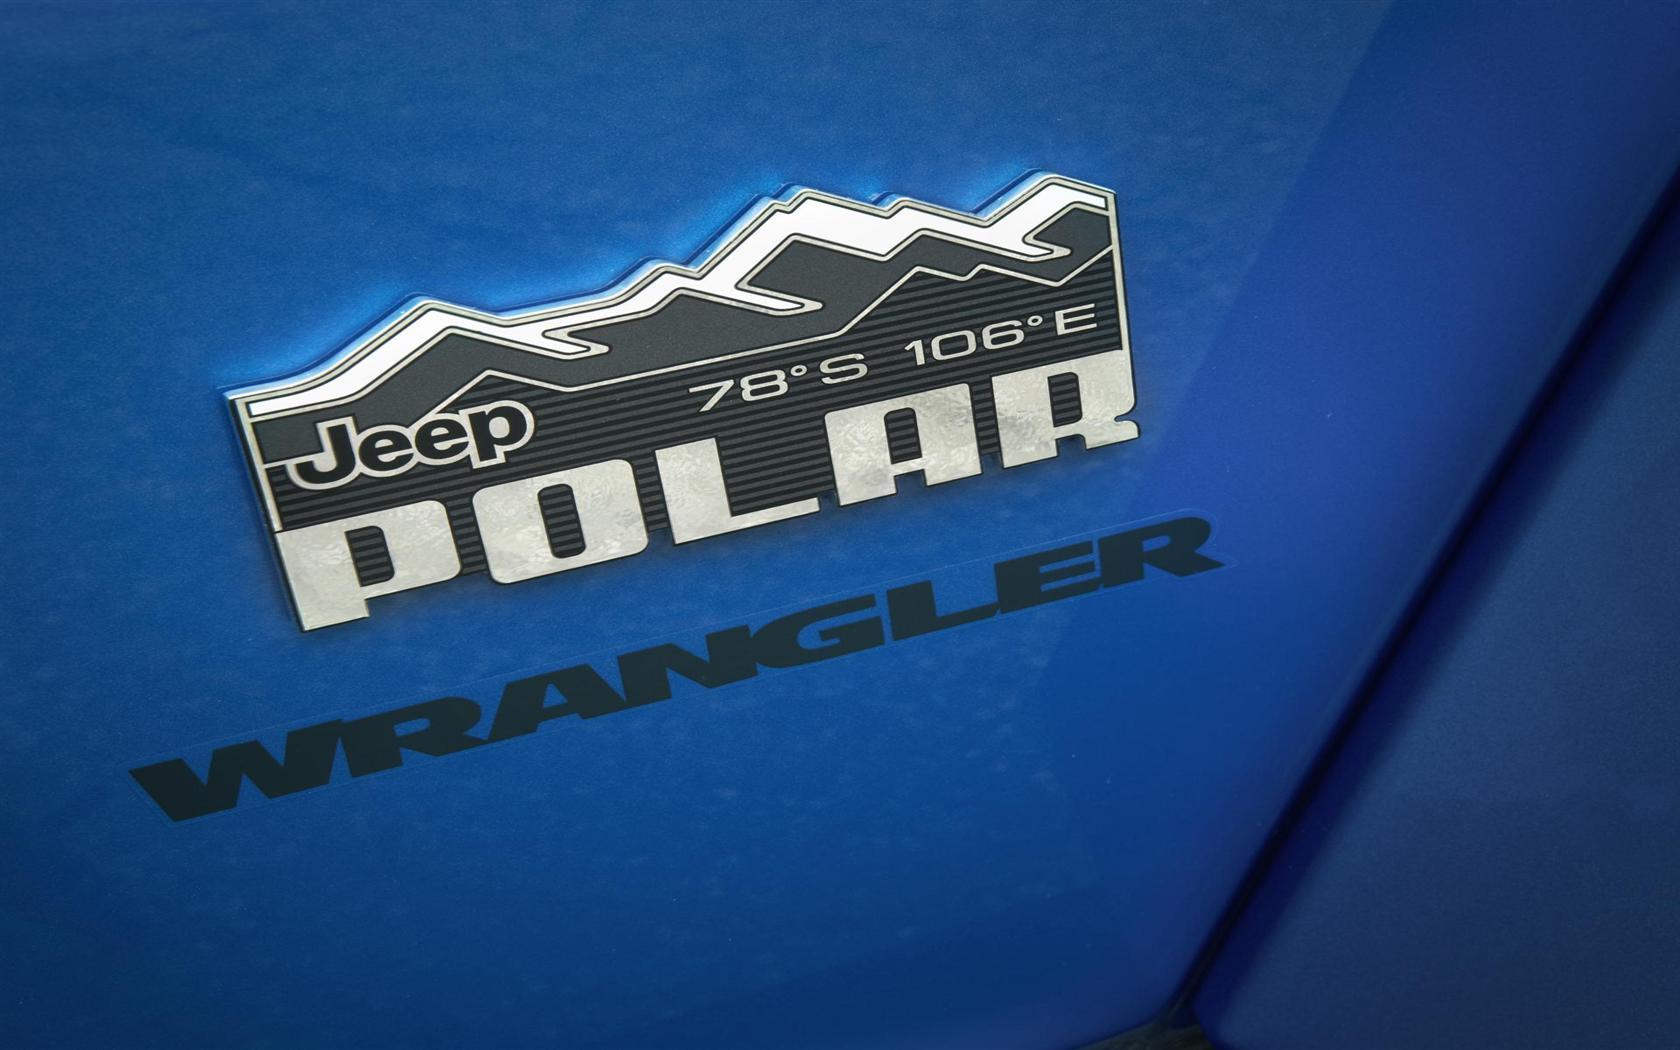 2014 Jeep Wrangler Polar Edition